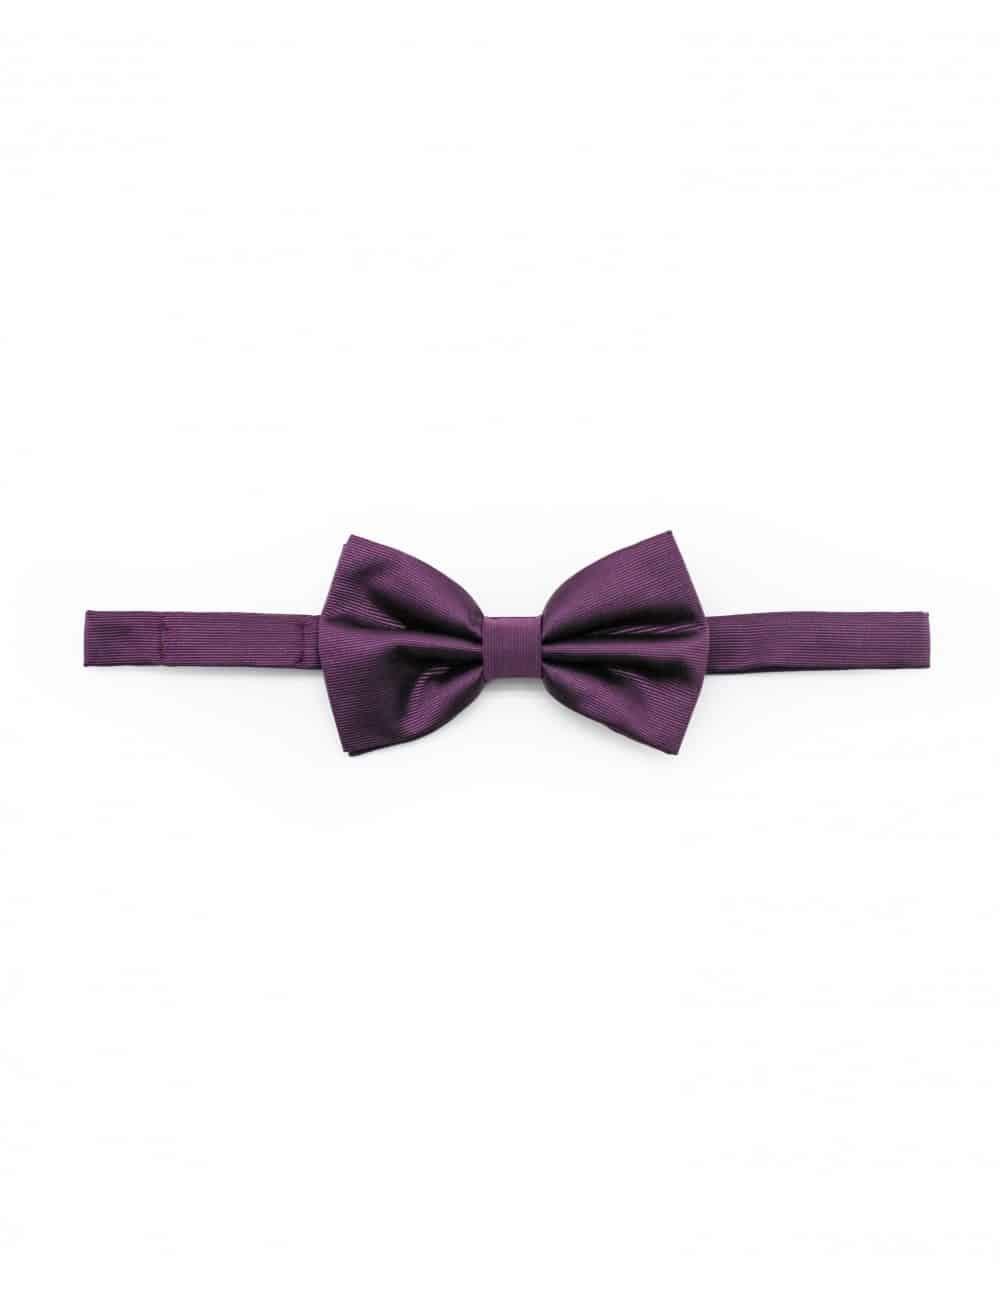 Solid Grape Royale Woven Bowtie WBT10.5